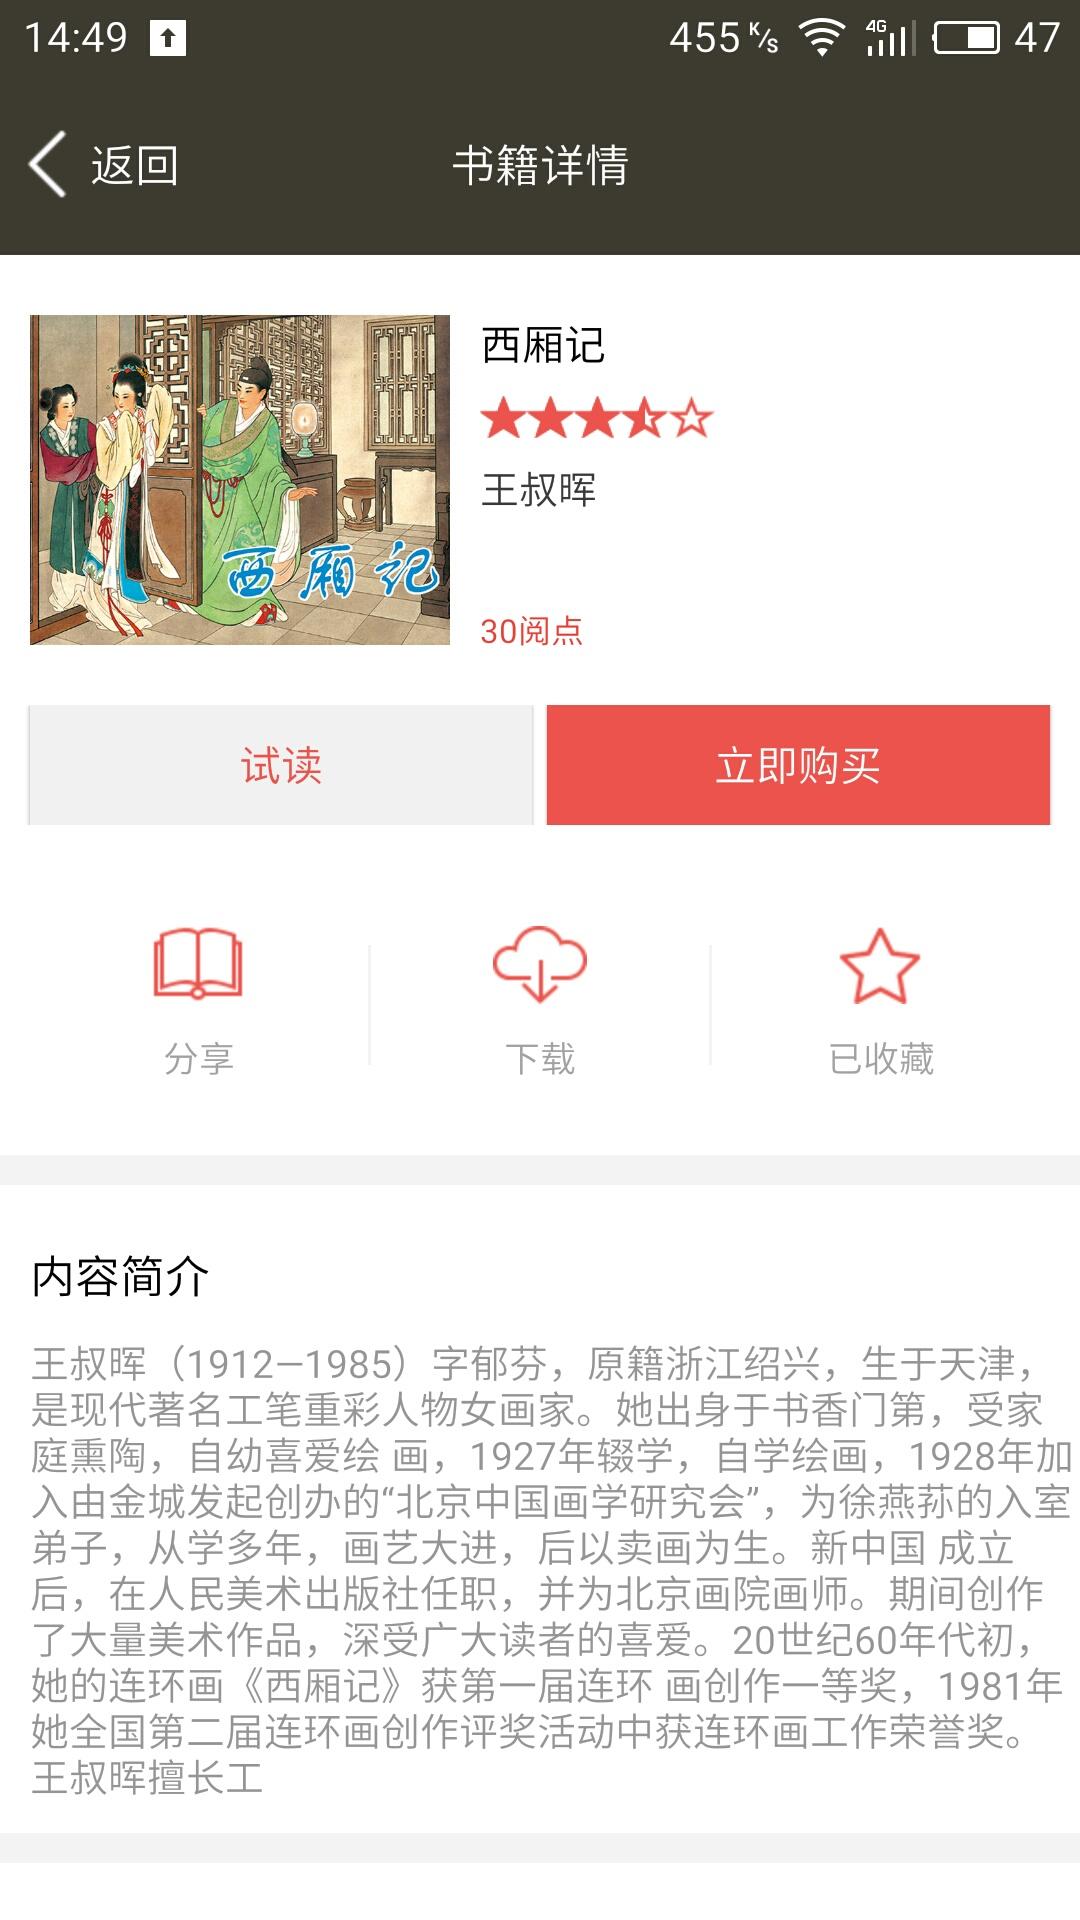 中国连环画-应用截图